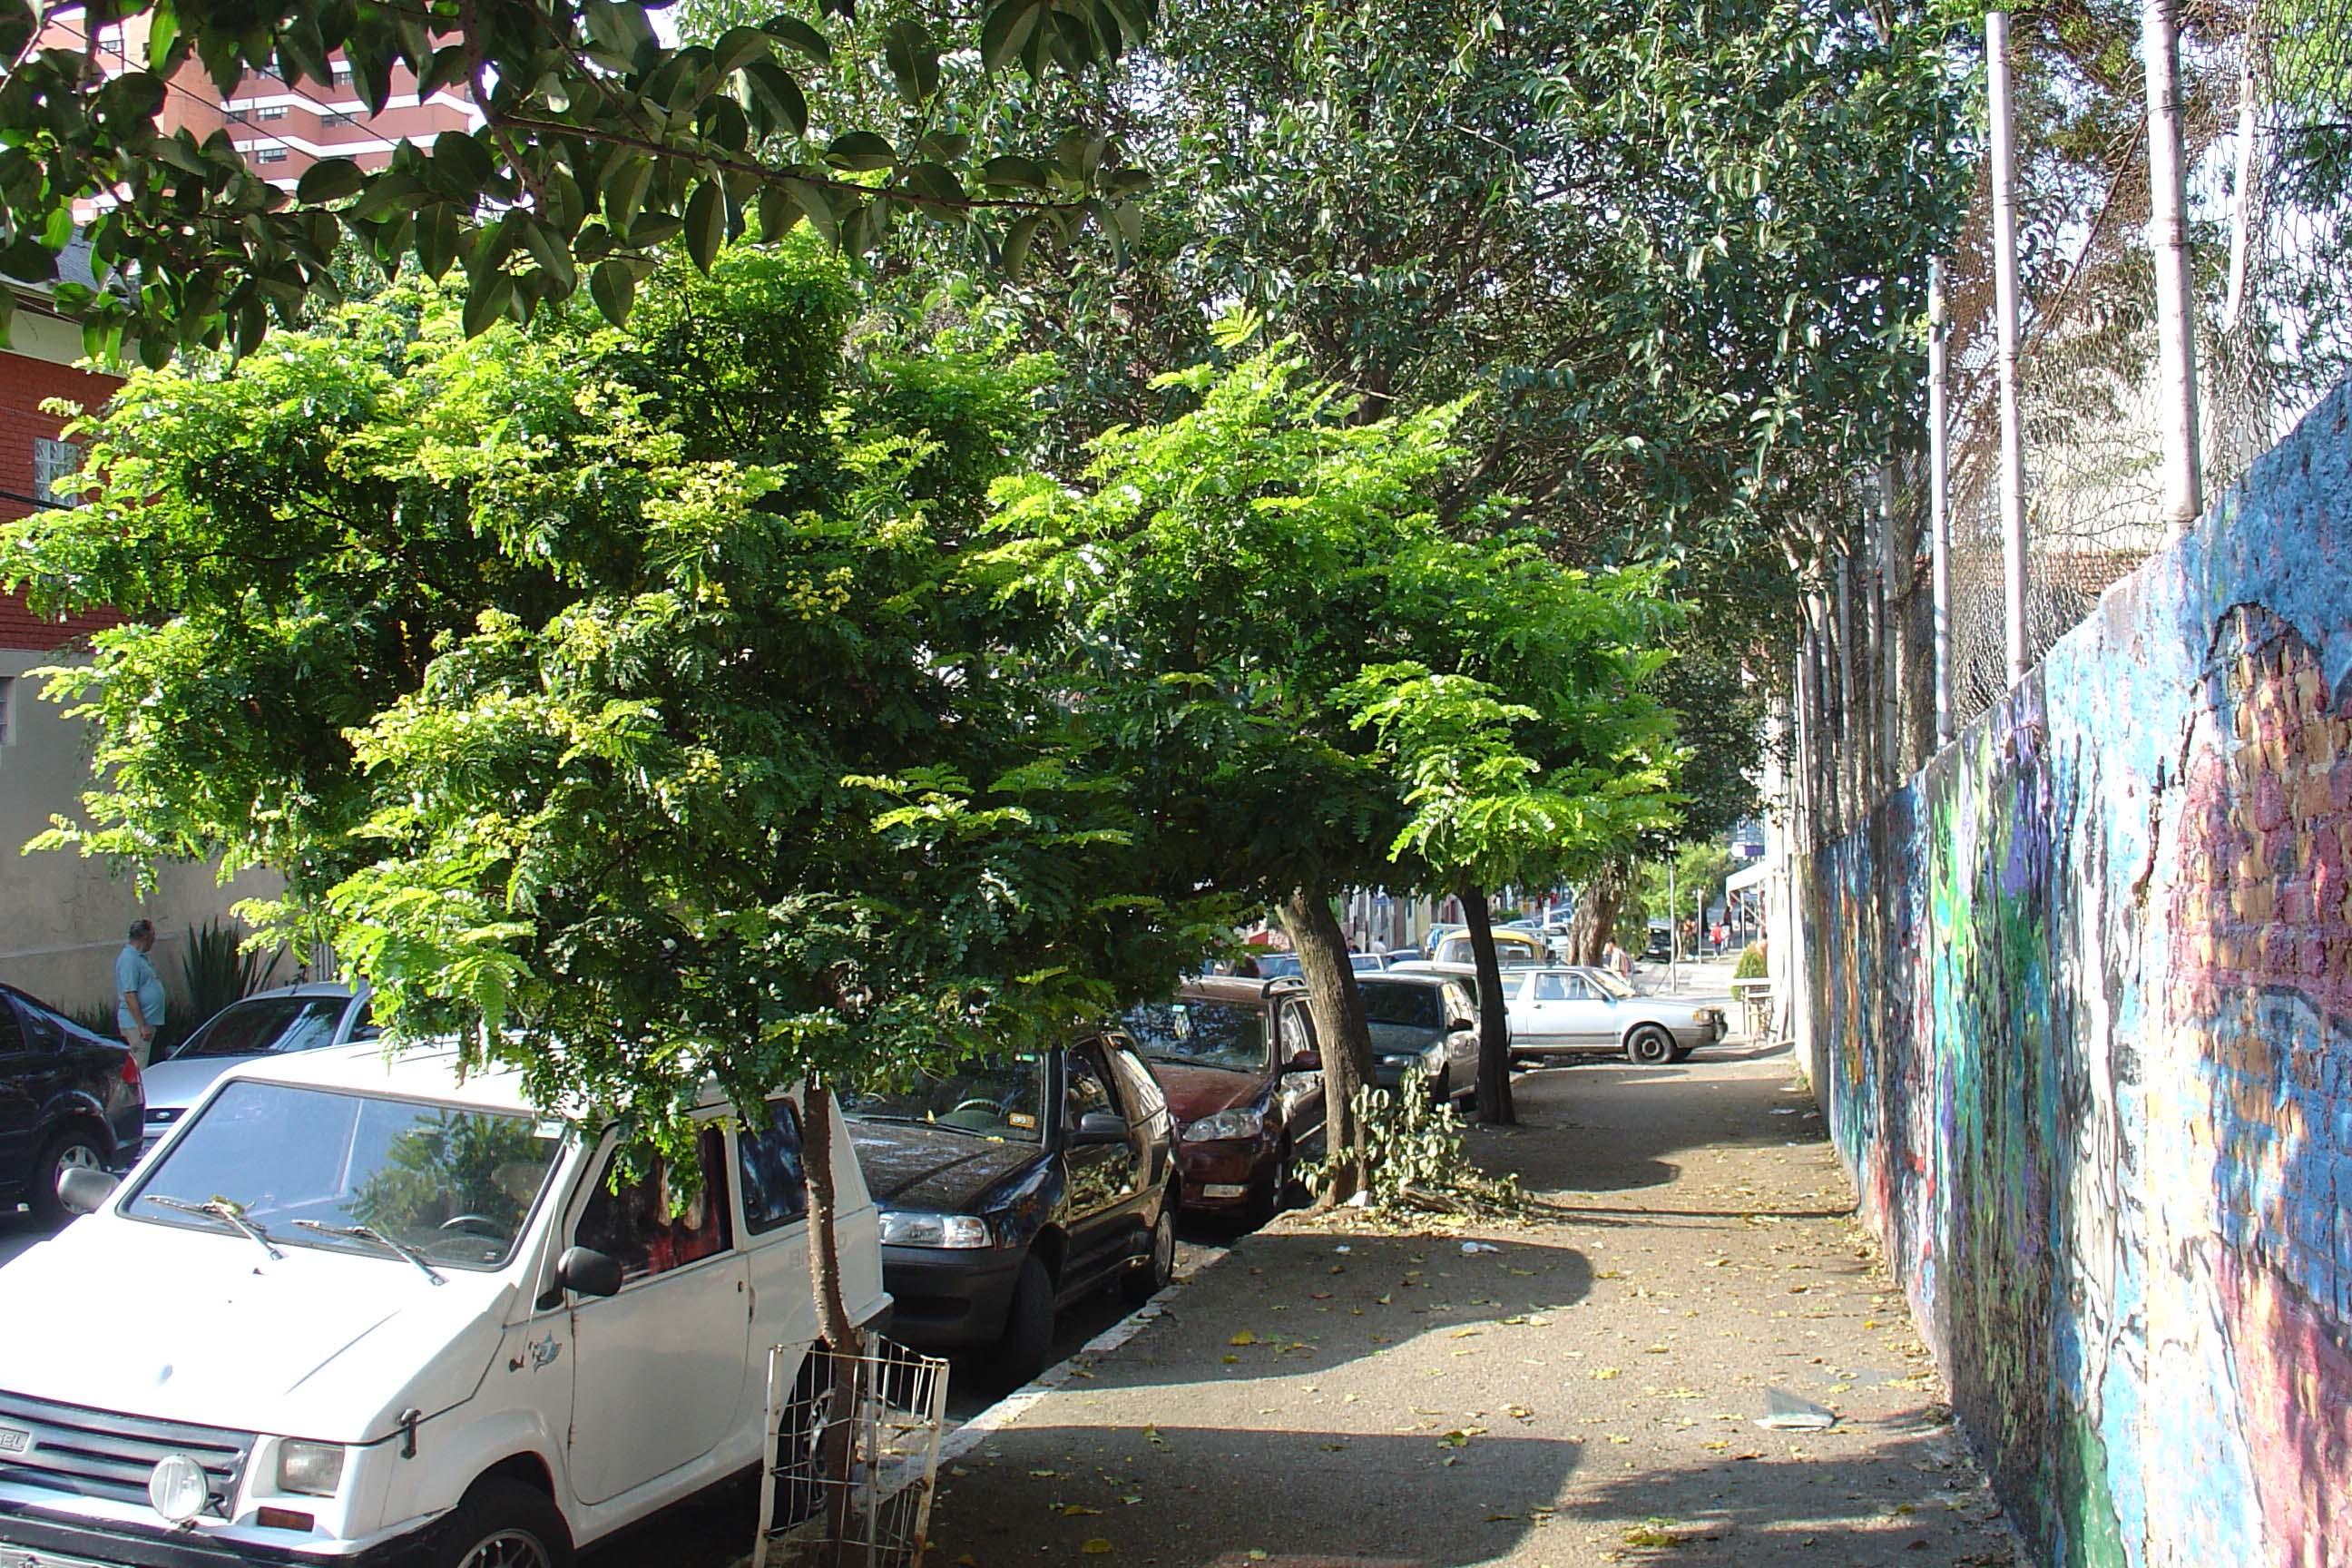 pau-brasil nas ruas de Perdizes